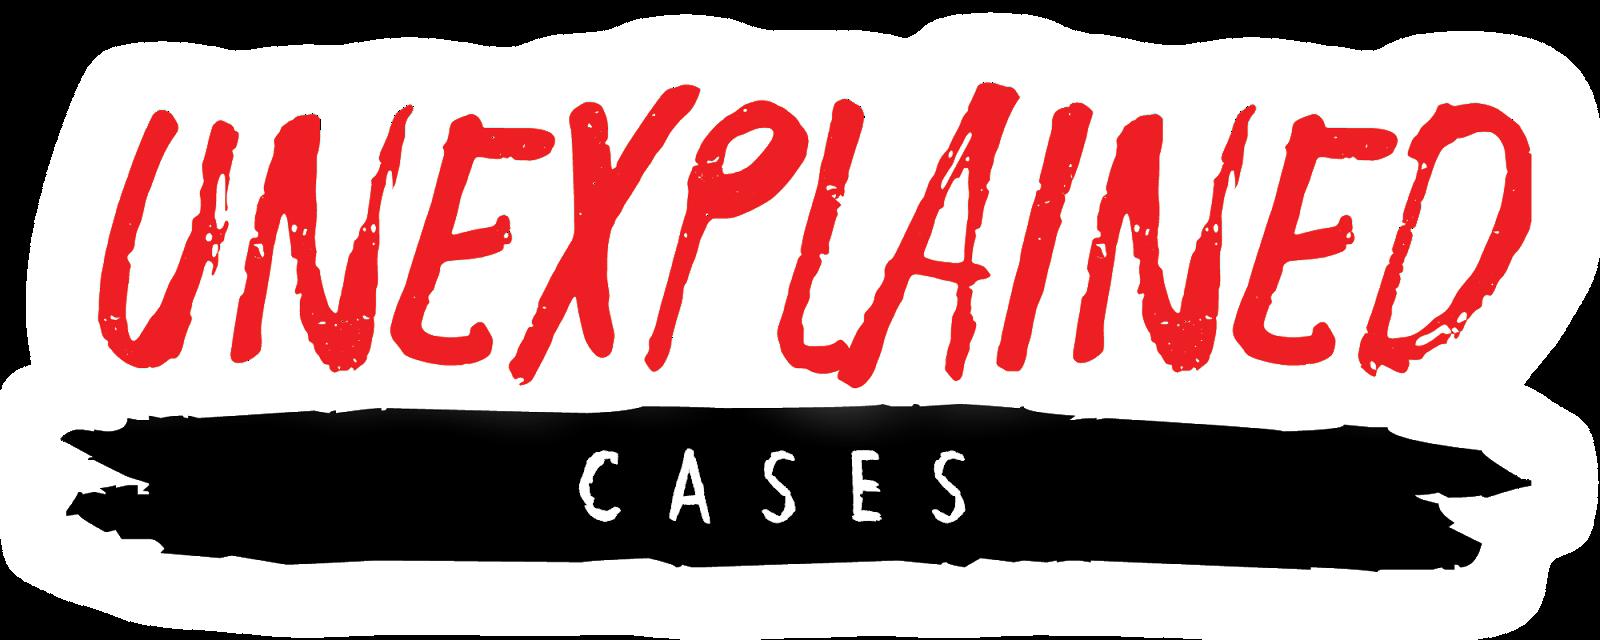 Unexplained Cases